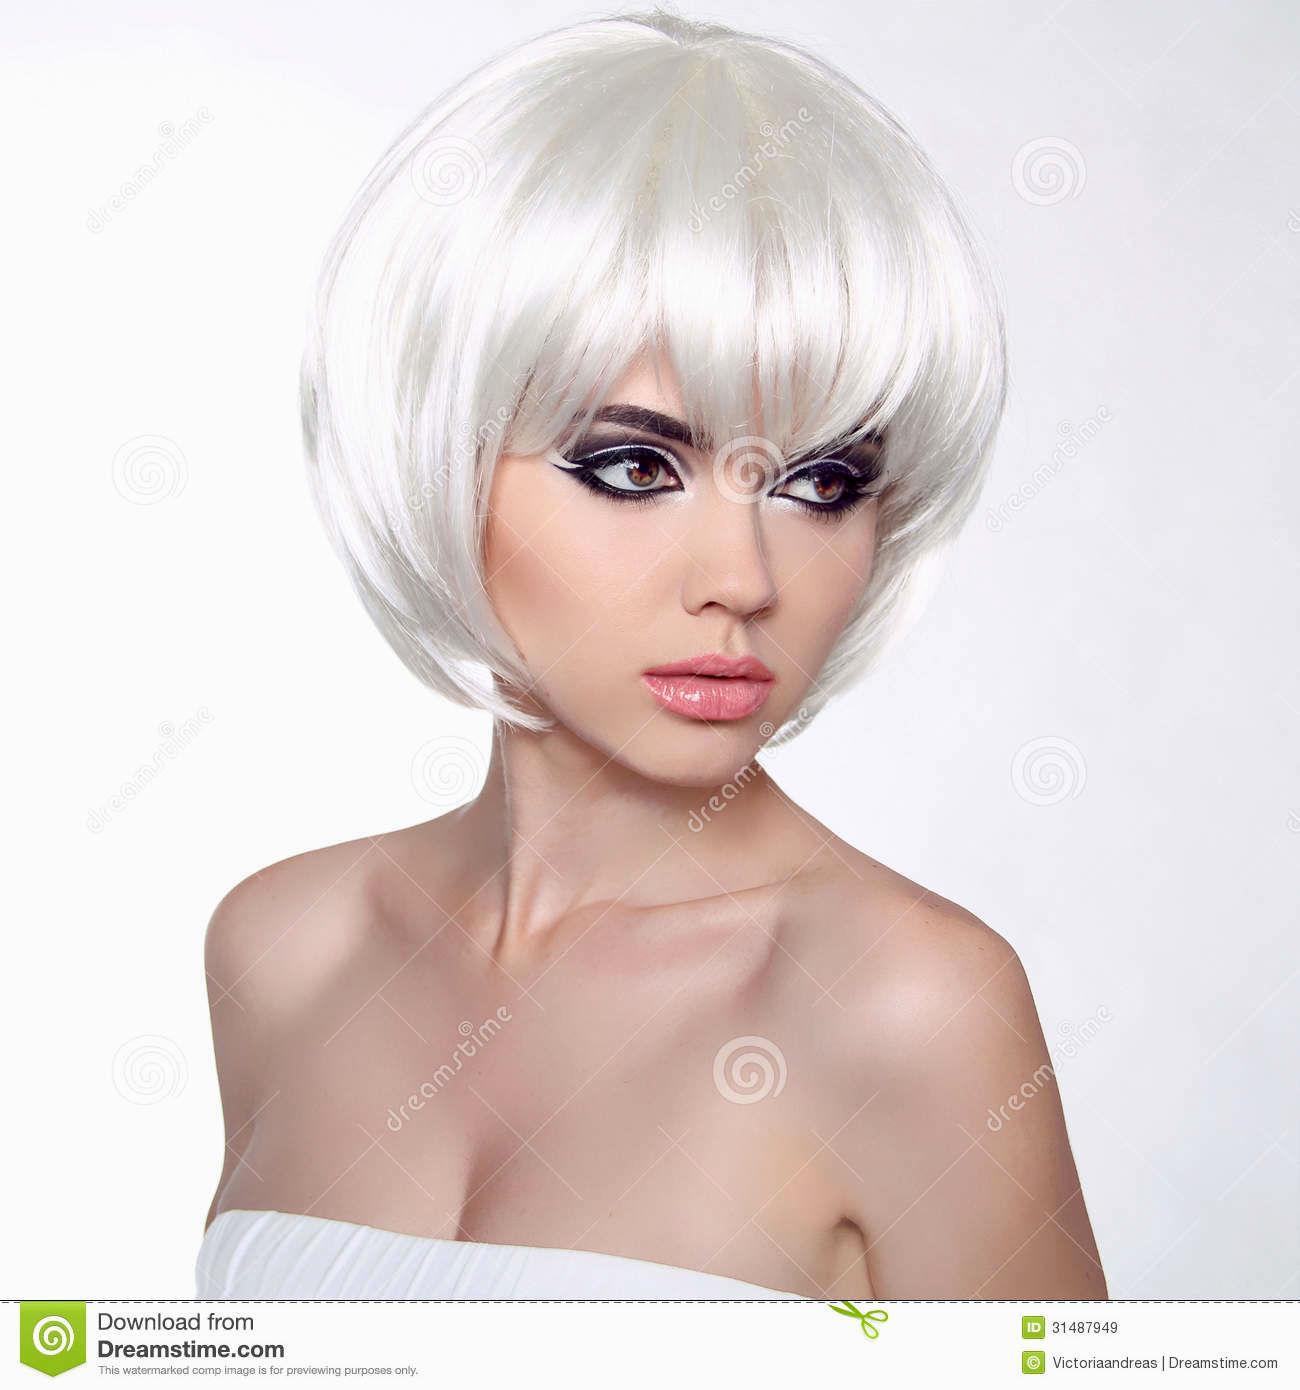 lovely corte do cabelo retrato-New Corte Do Cabelo Layout